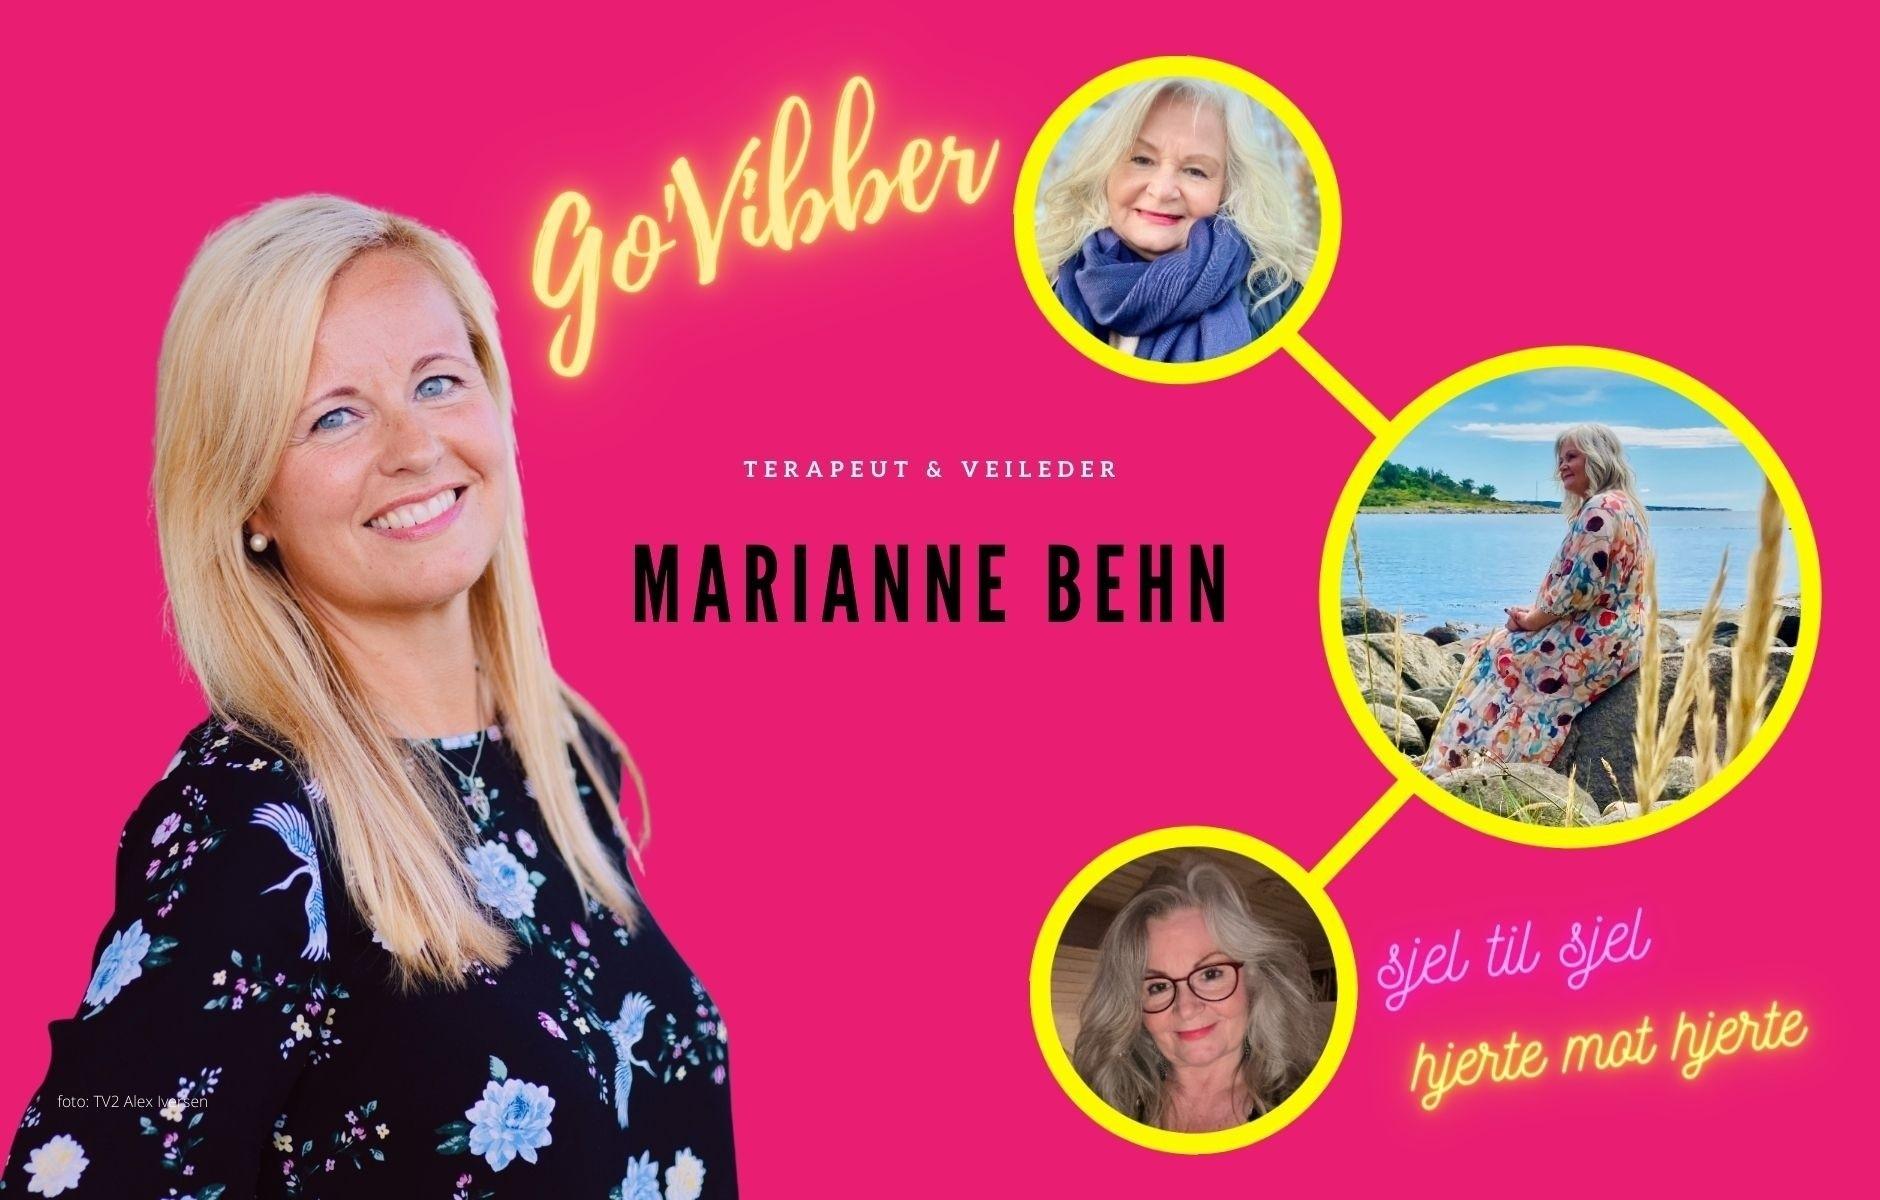 Hva tenker Marianne Behn om livets reise, den andre siden og bortgangen til sønnen Ari?